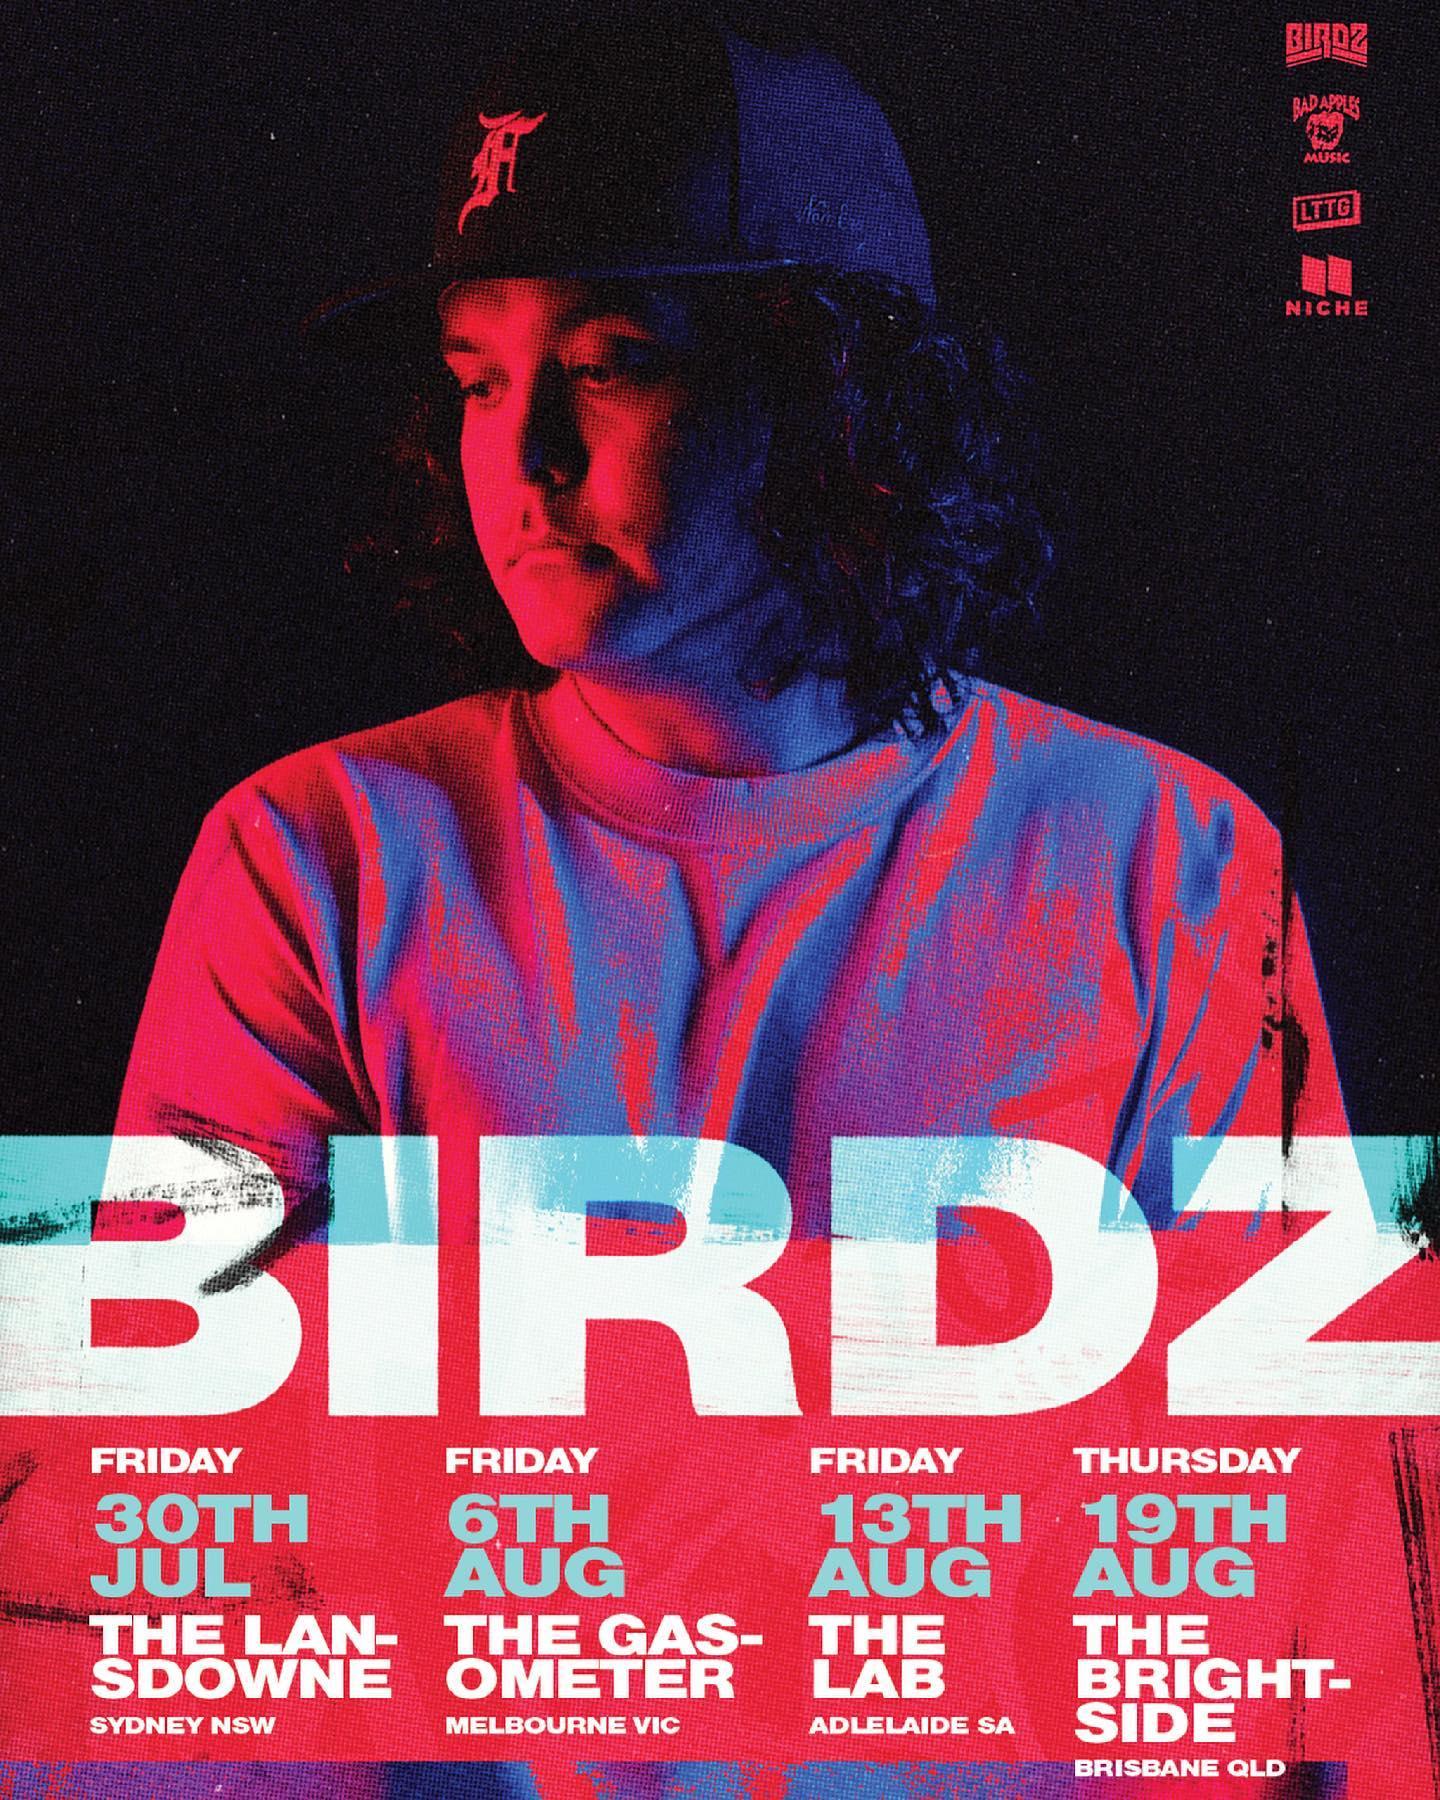 BIRDZ NATIONAL TOUR